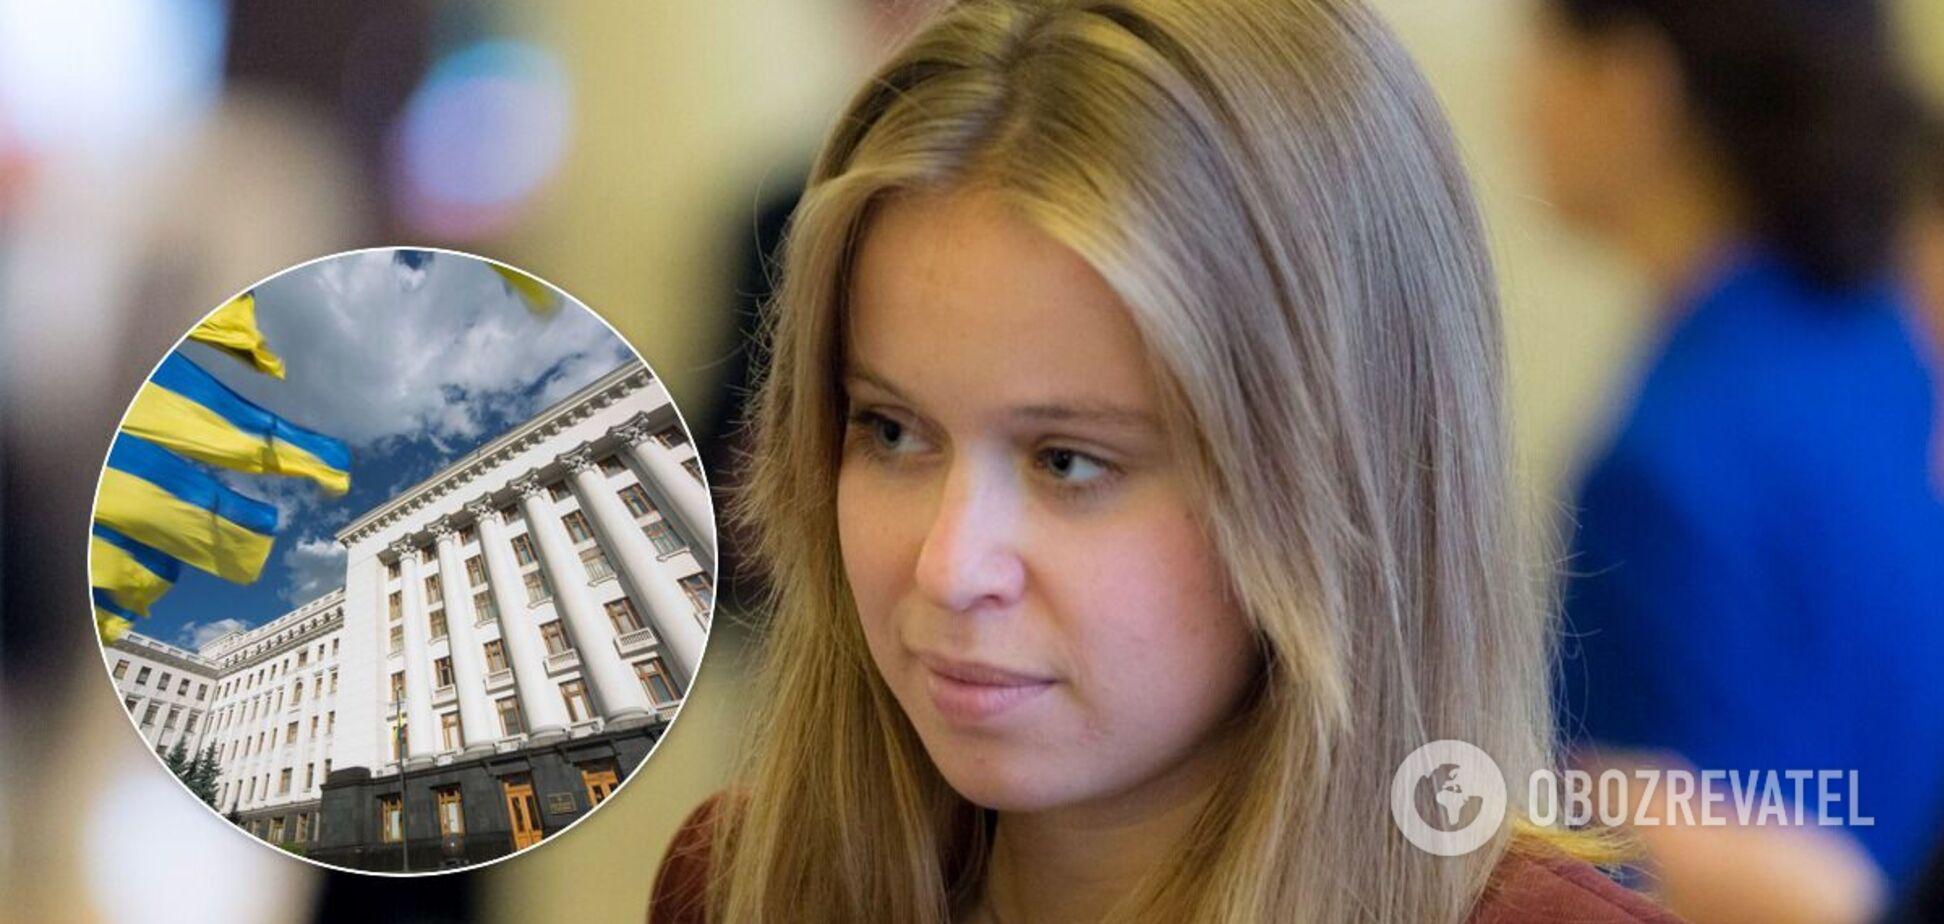 Ясько заявила, что Офис президента сотрудничает с Медведчуком и его телеканалами